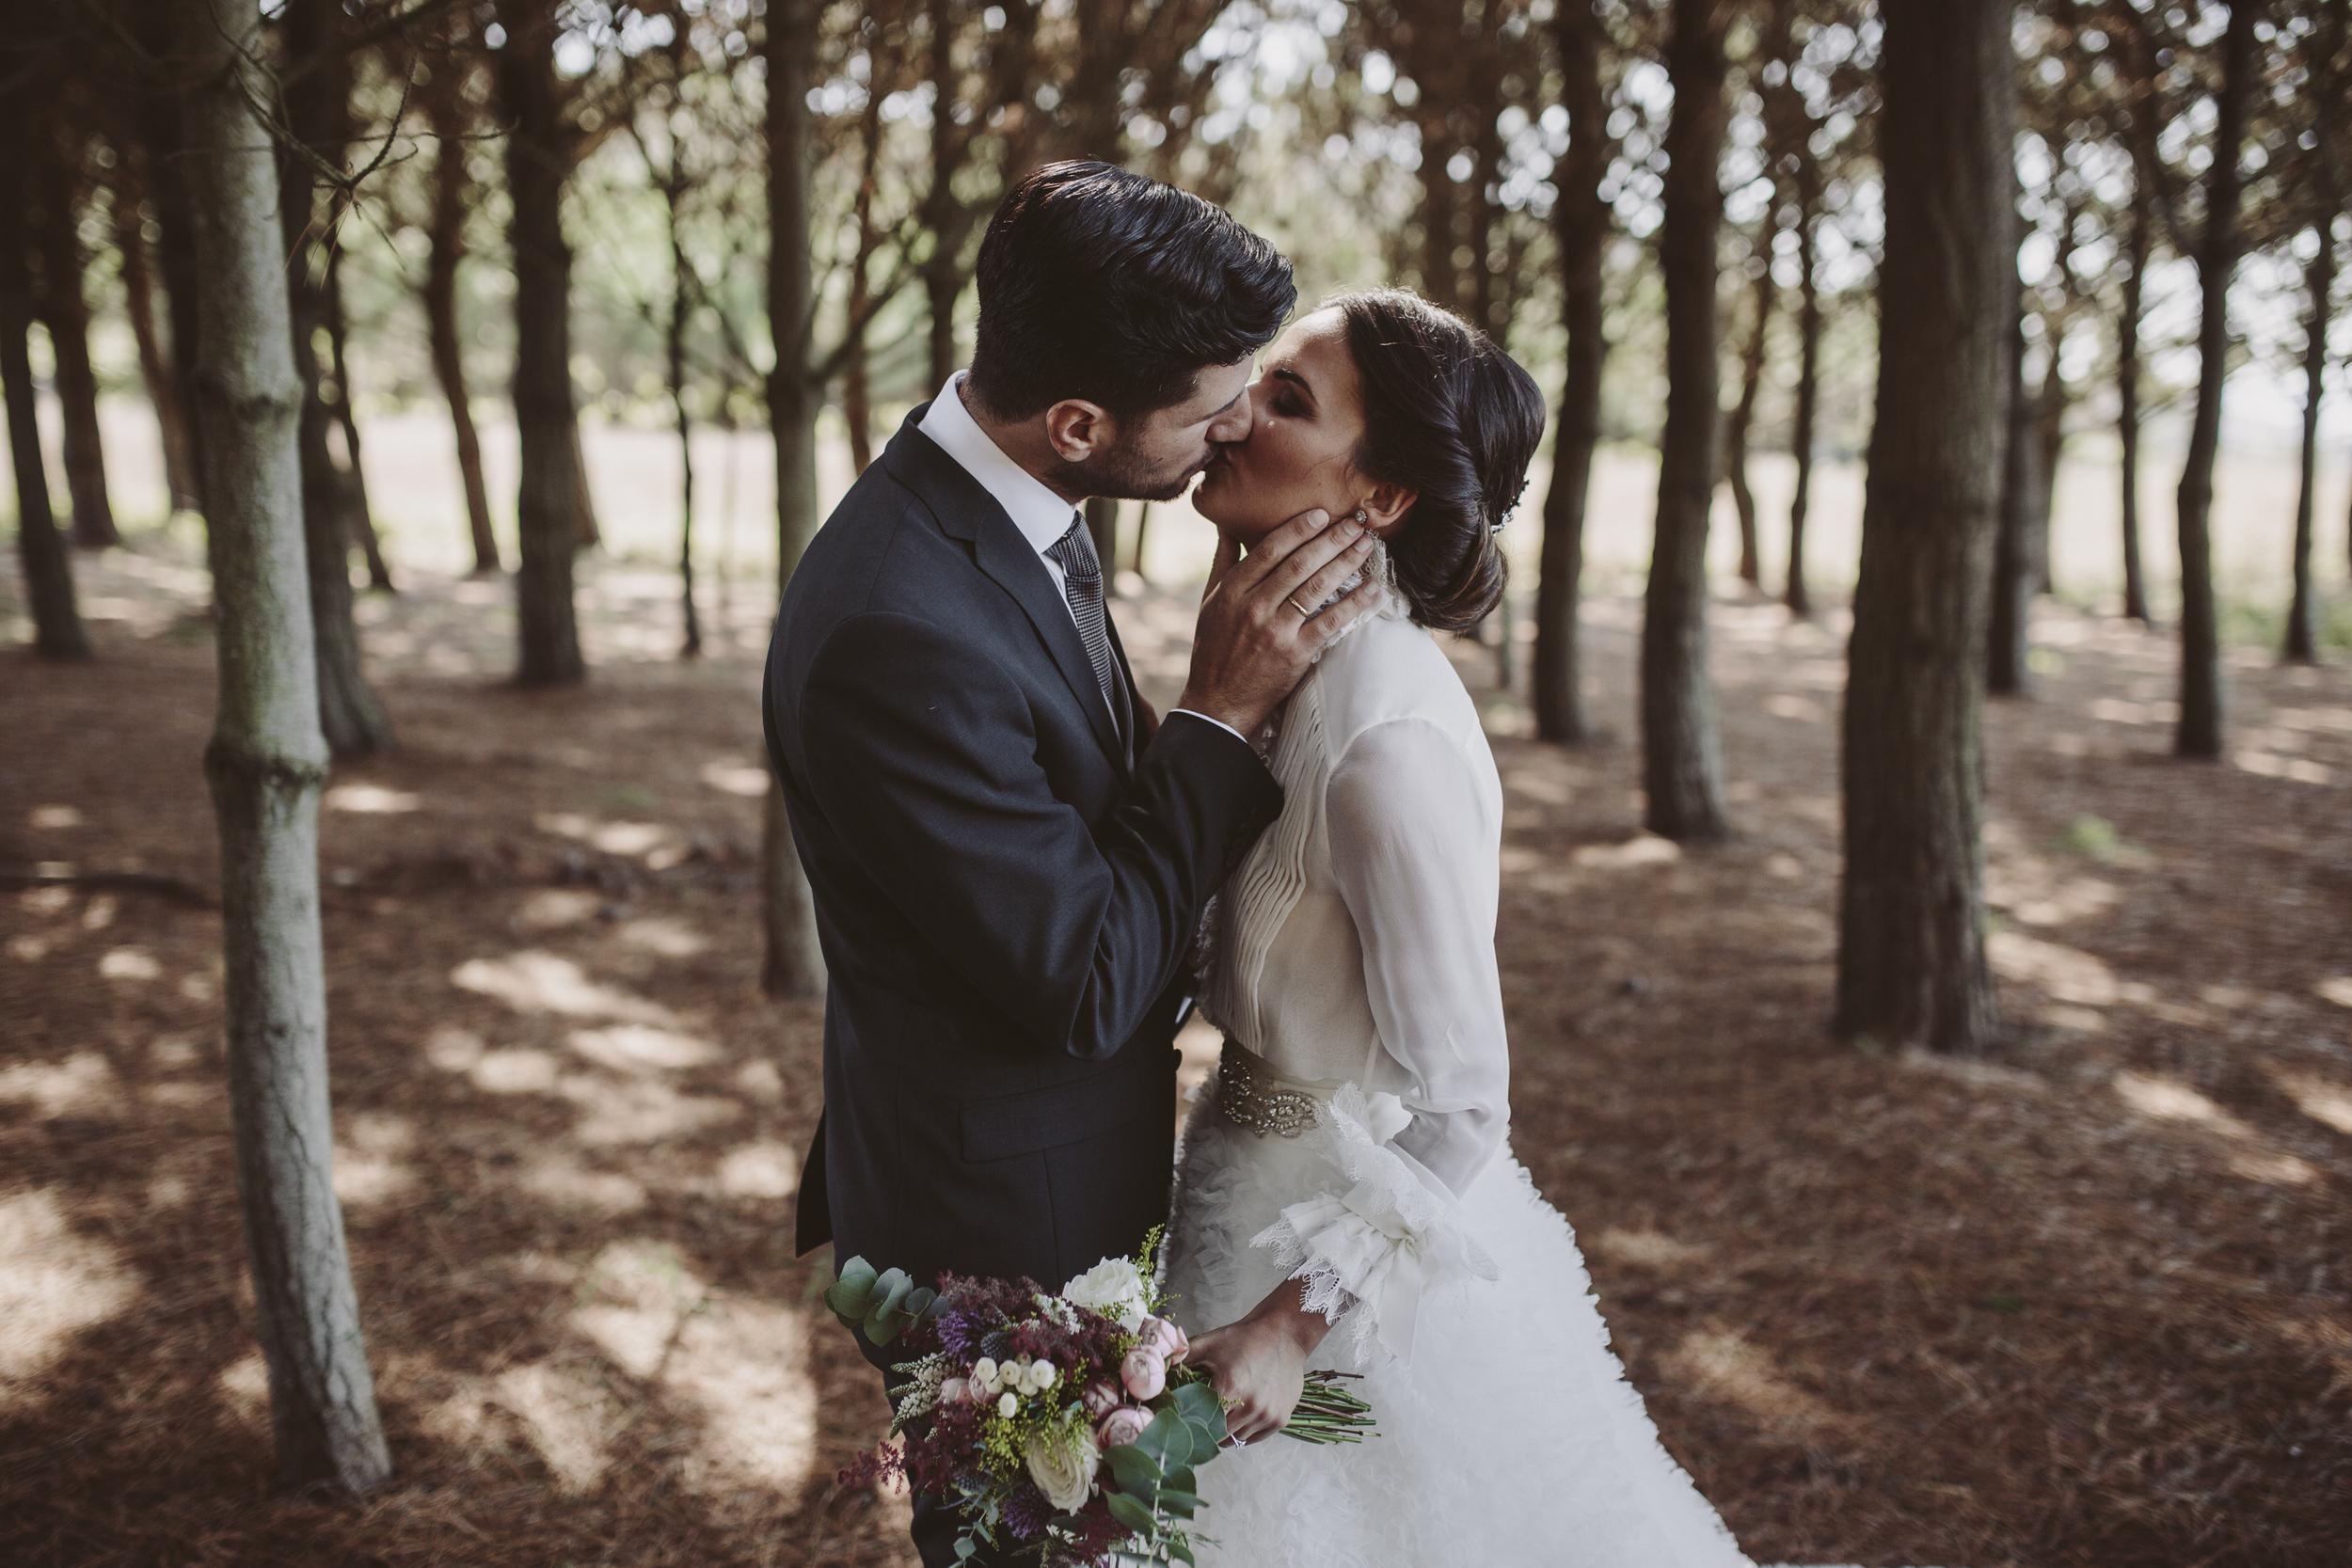 Fotografo bodas Pontevedra Graciela Vilagudin 640.jpg